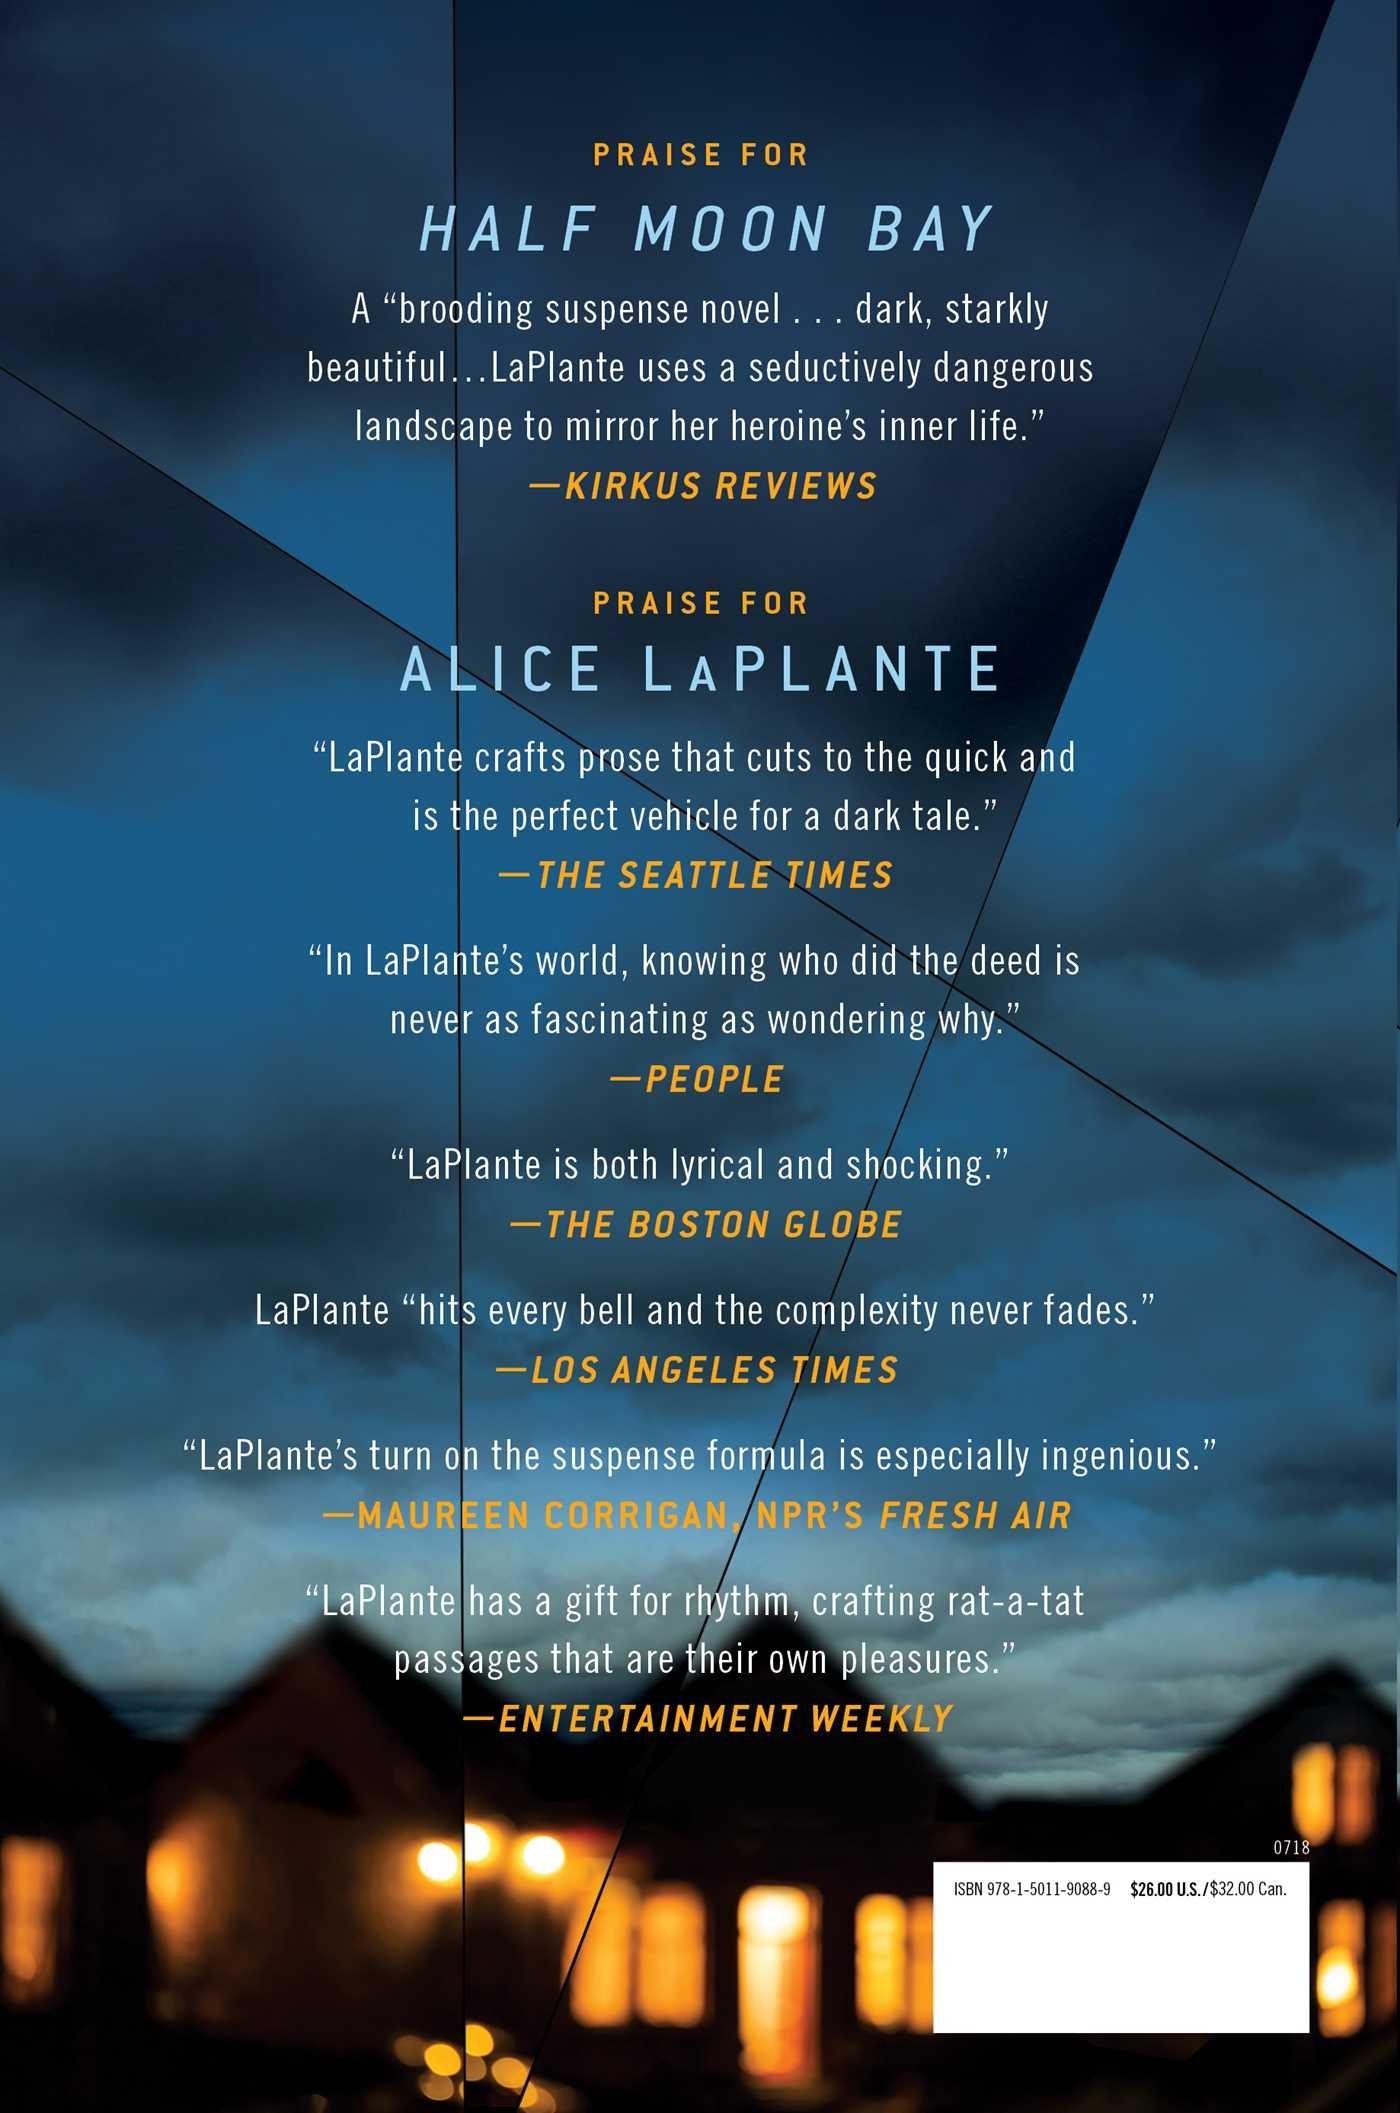 Amazon.com: Half Moon Bay: A Novel (9781501190889): Alice LaPlante ...